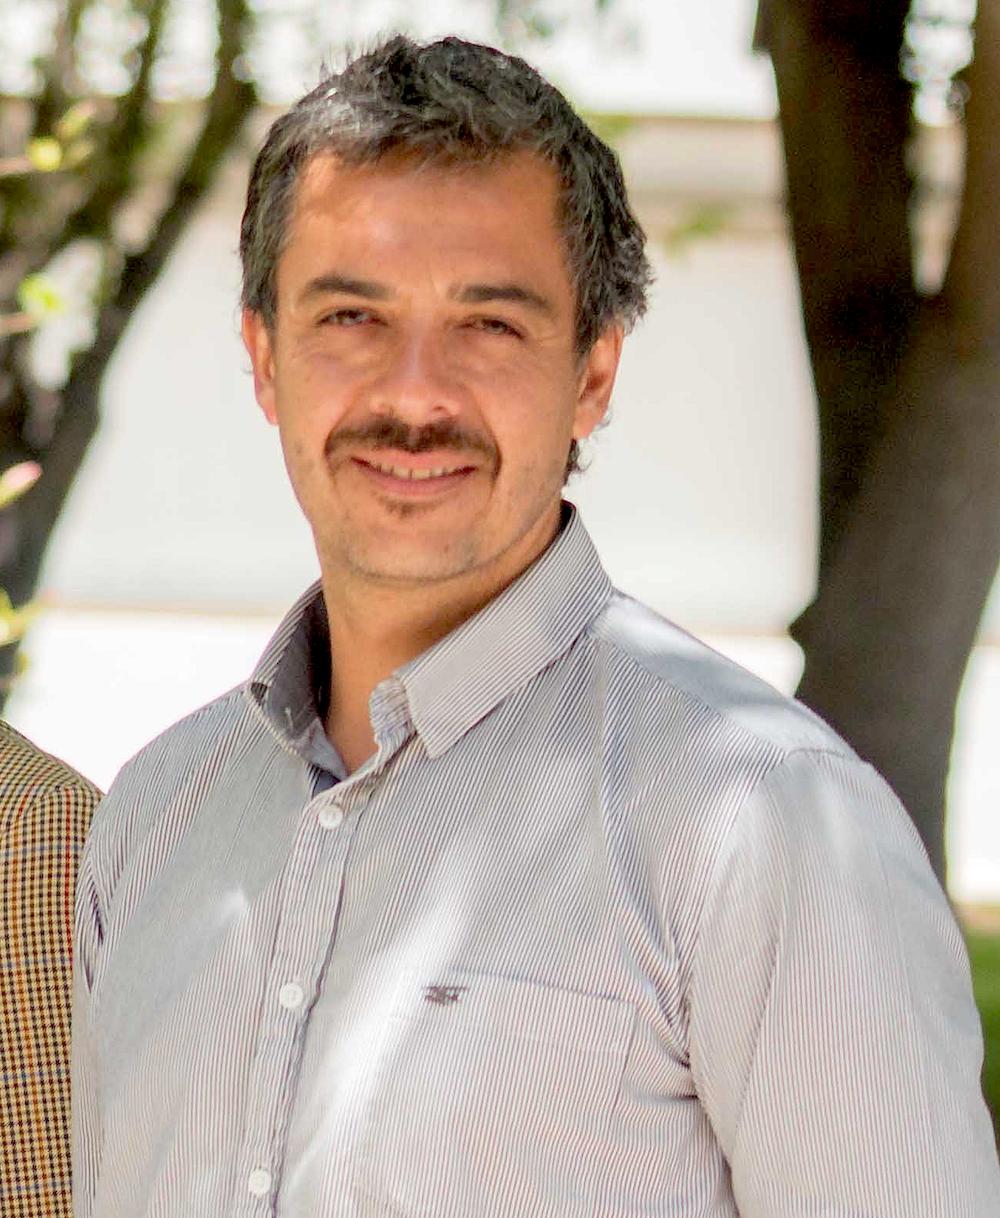 Claudio Vásquez